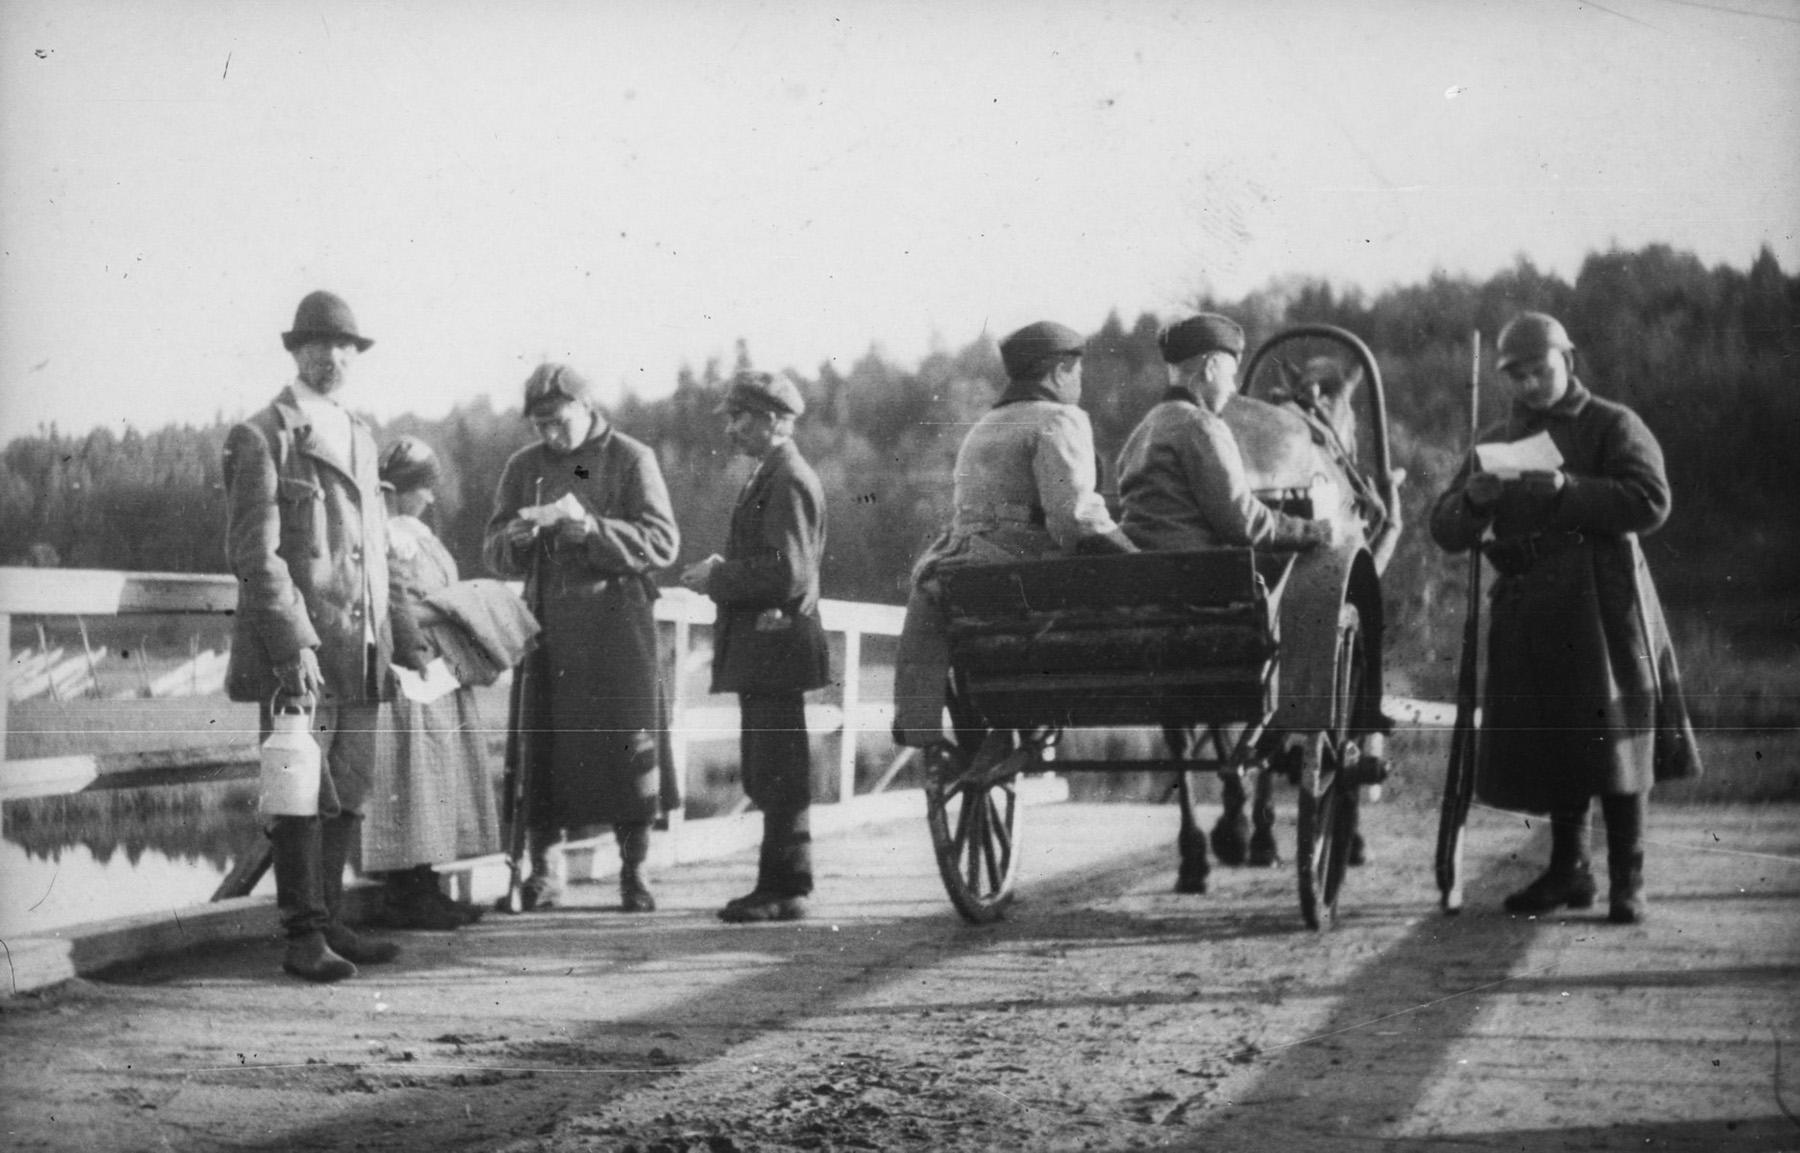 Kirjasalossa asui hieman yli 400 siviiliasukasta. Kirjasalon ja Suomen rajalla, josta tämä kuva on otettu 15.9.1920, vaadittiin rajan ylittäviltä henkilöllisyystodistus. Inkeriläisten sivistyssäätiön kokoelma, kuva 2352. CC BY 4.0